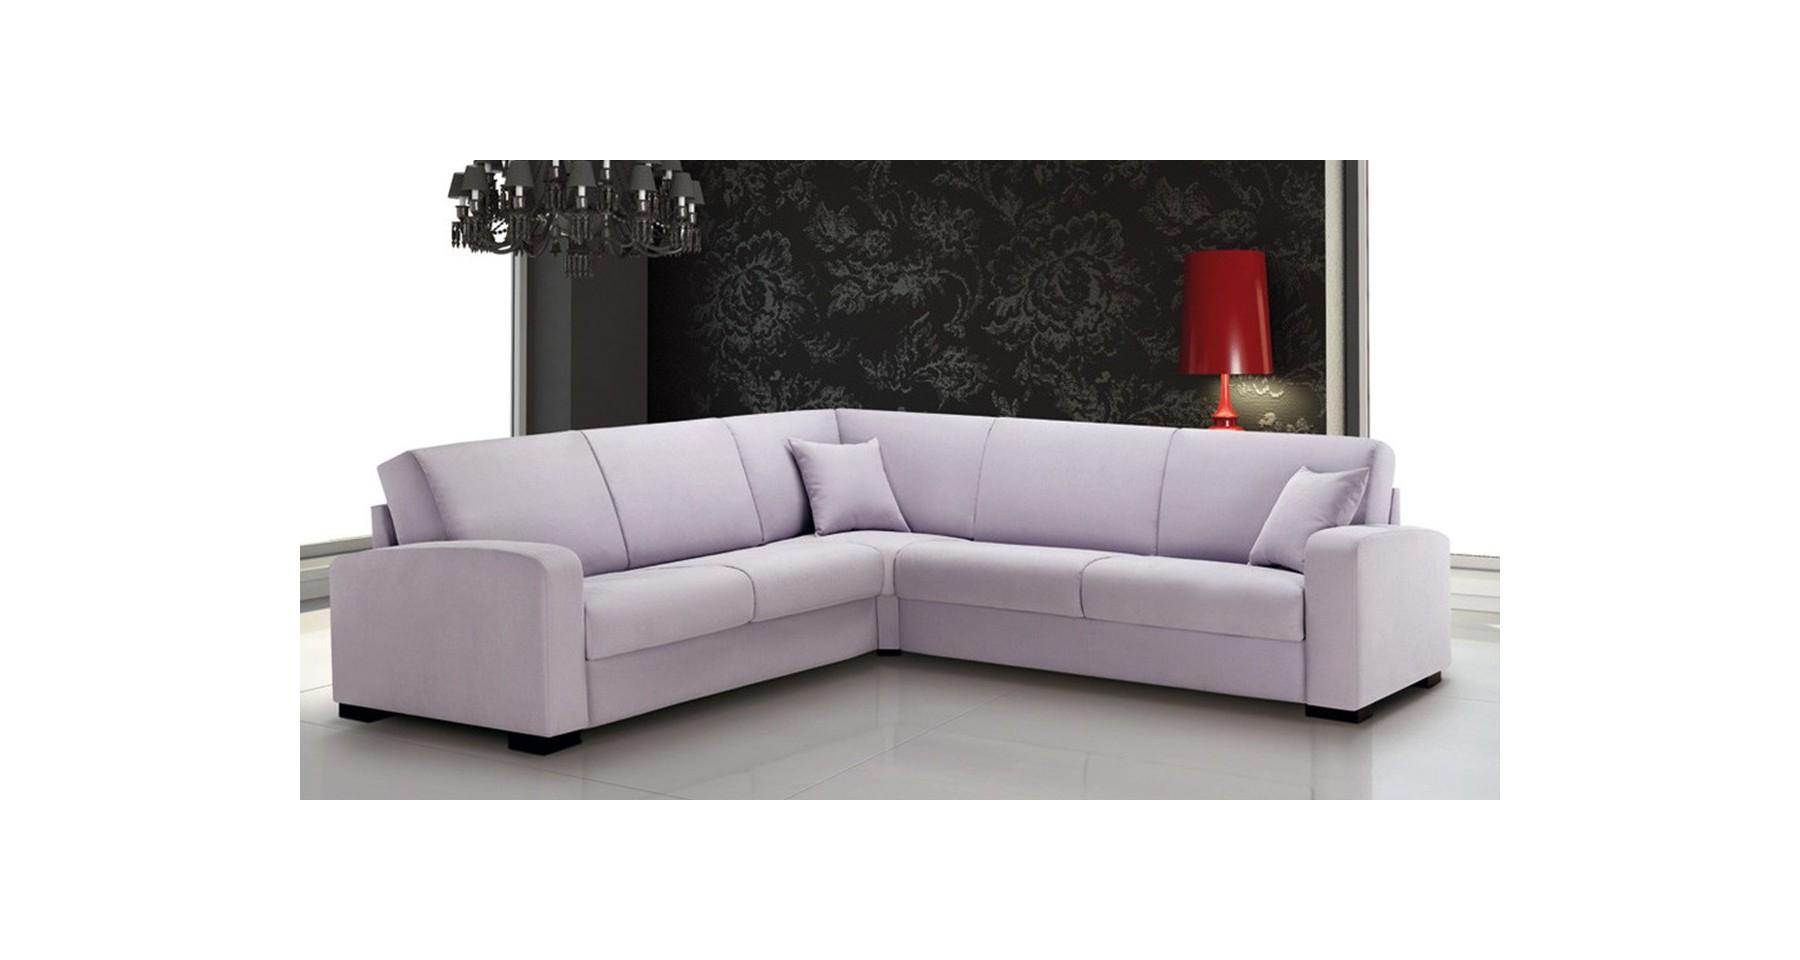 Grand canapé d angle haut de gamme personnalisable Leonardo